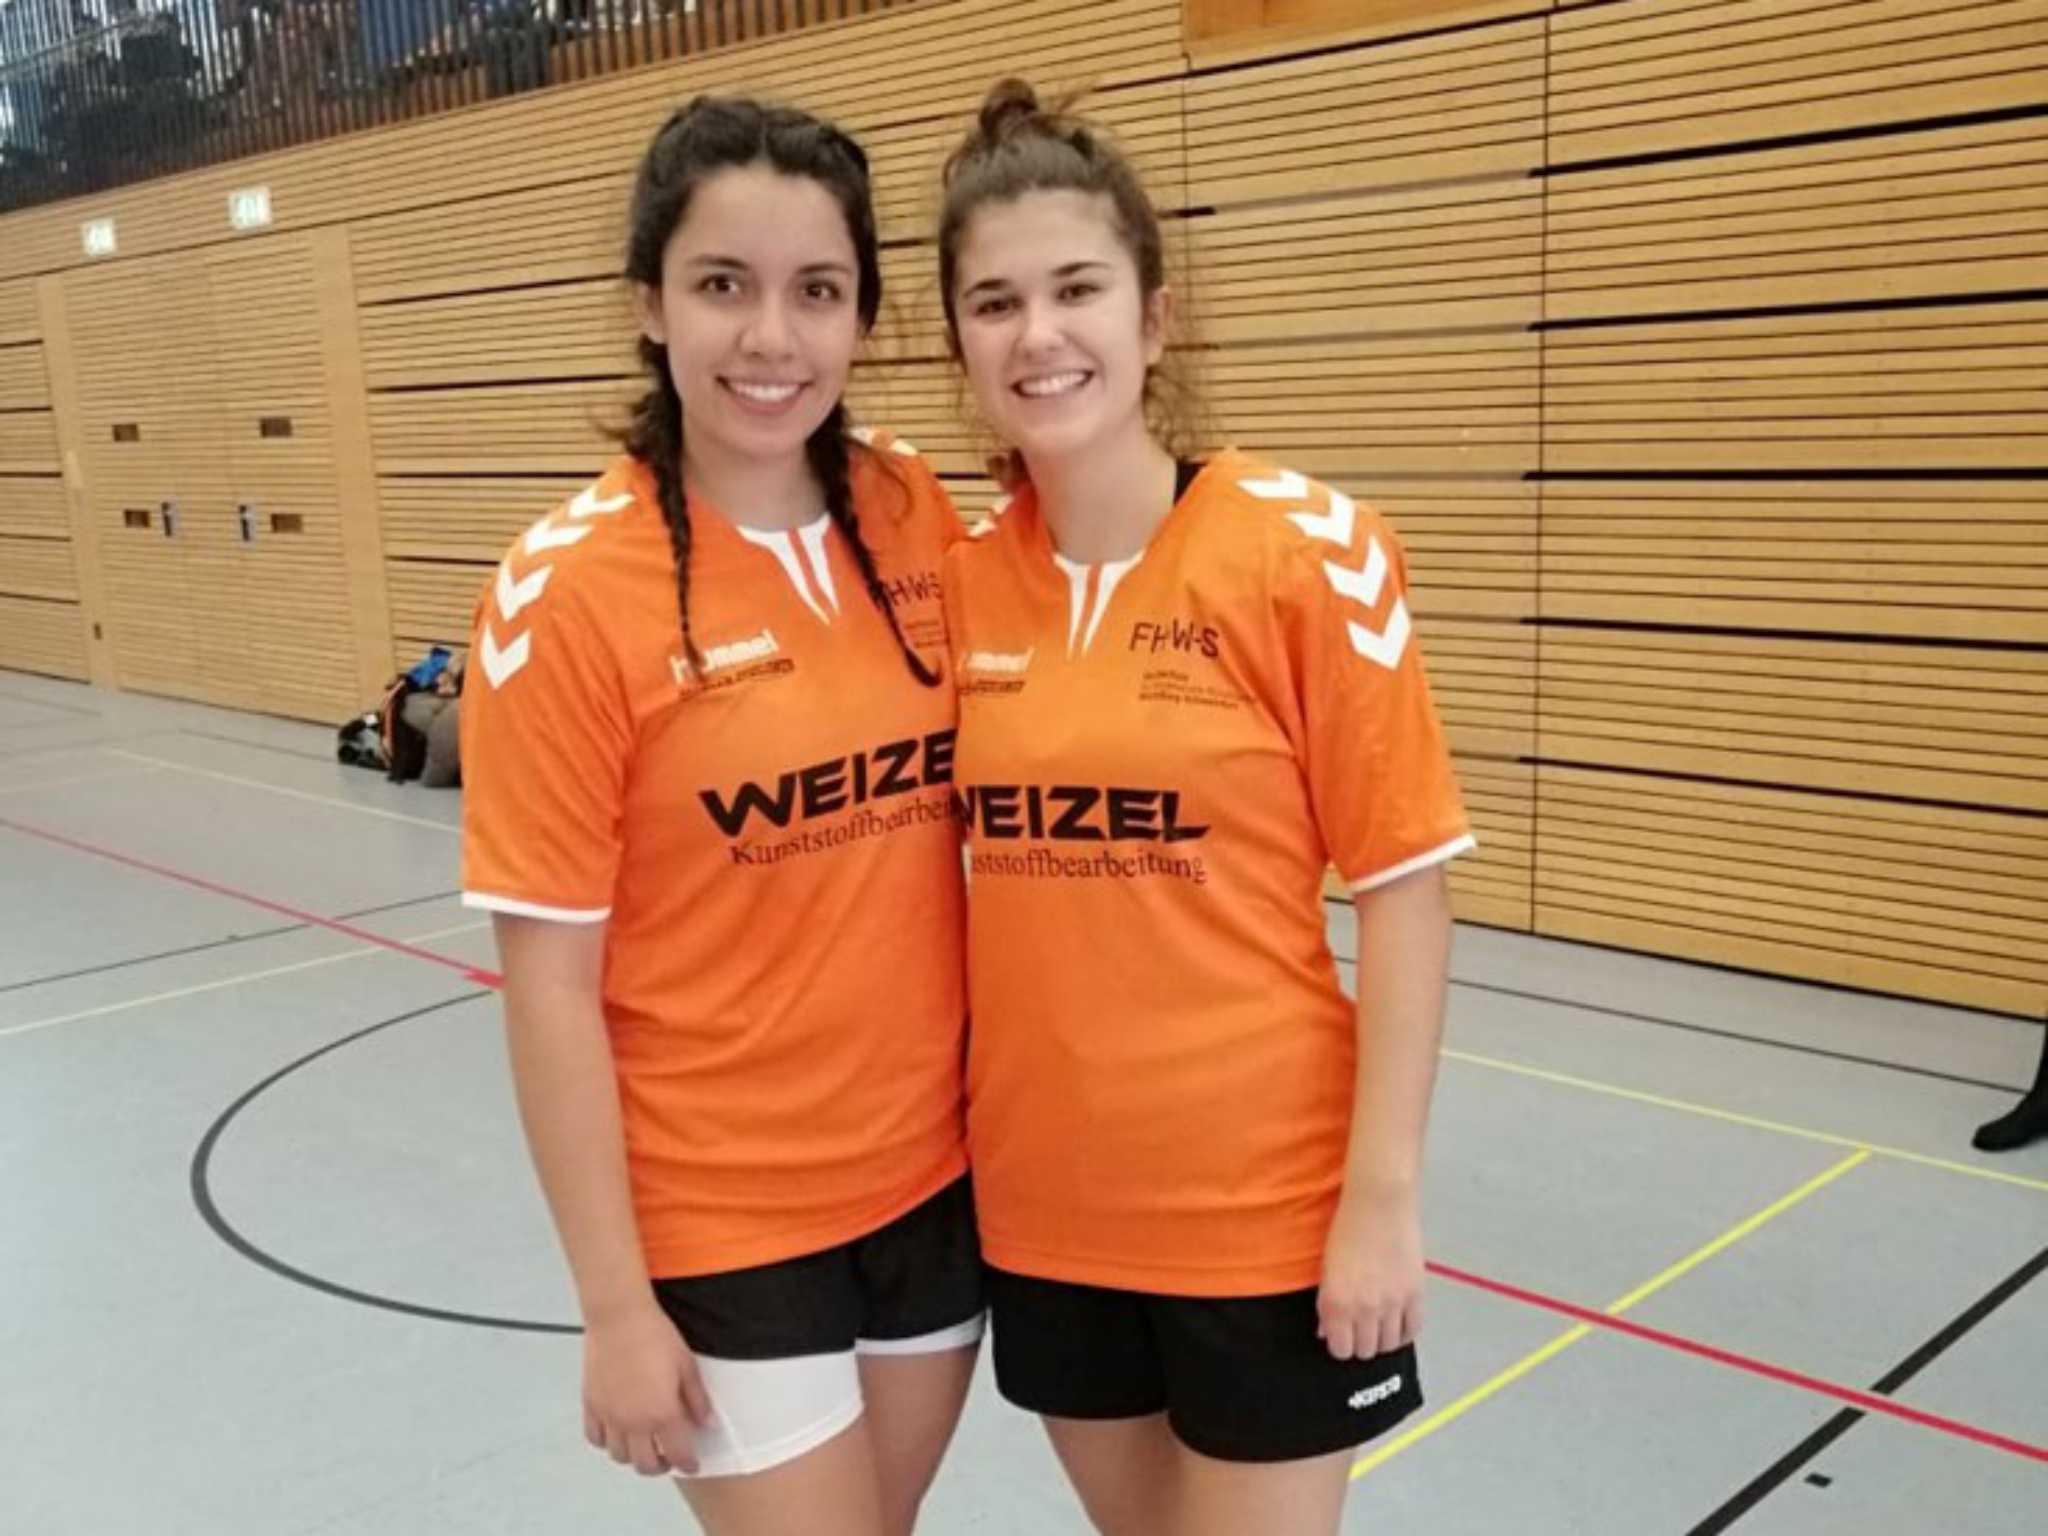 Carolina Torres stammt aus Mexiko und studiert in Schweinfurt. Foto: Carolina Torres